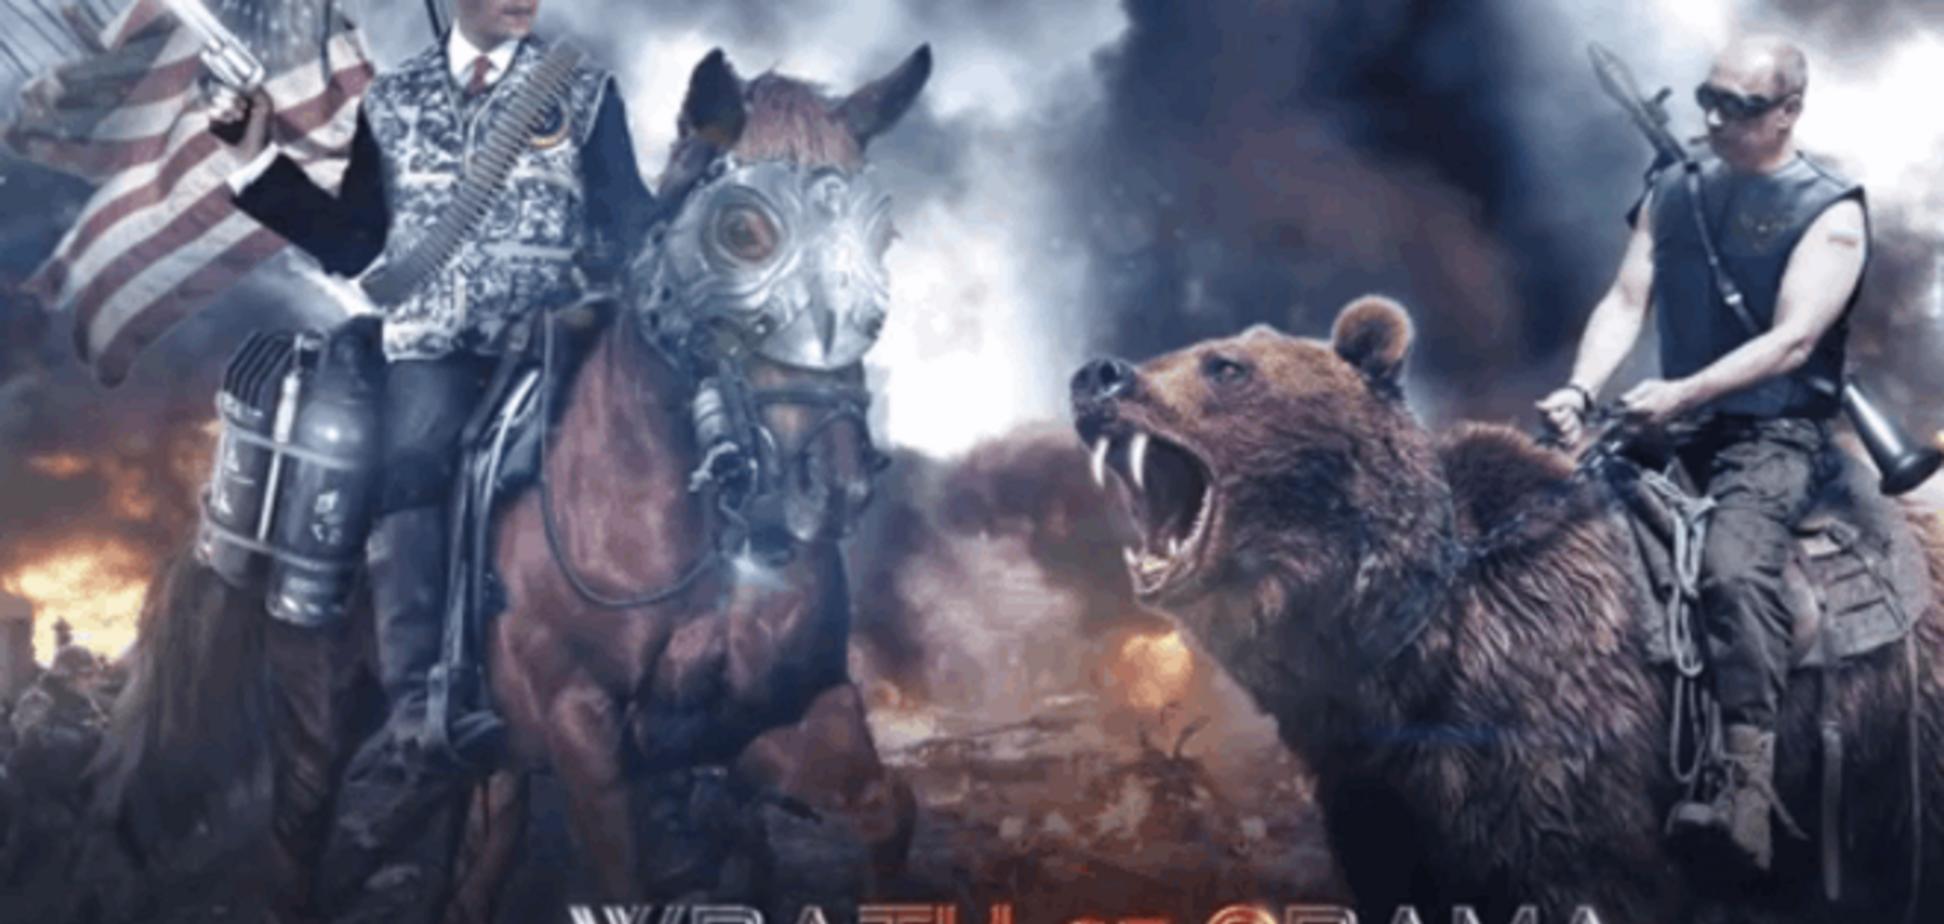 Появилась новая игра, в которой Путин и Обама воюют с армией зомби Ленина